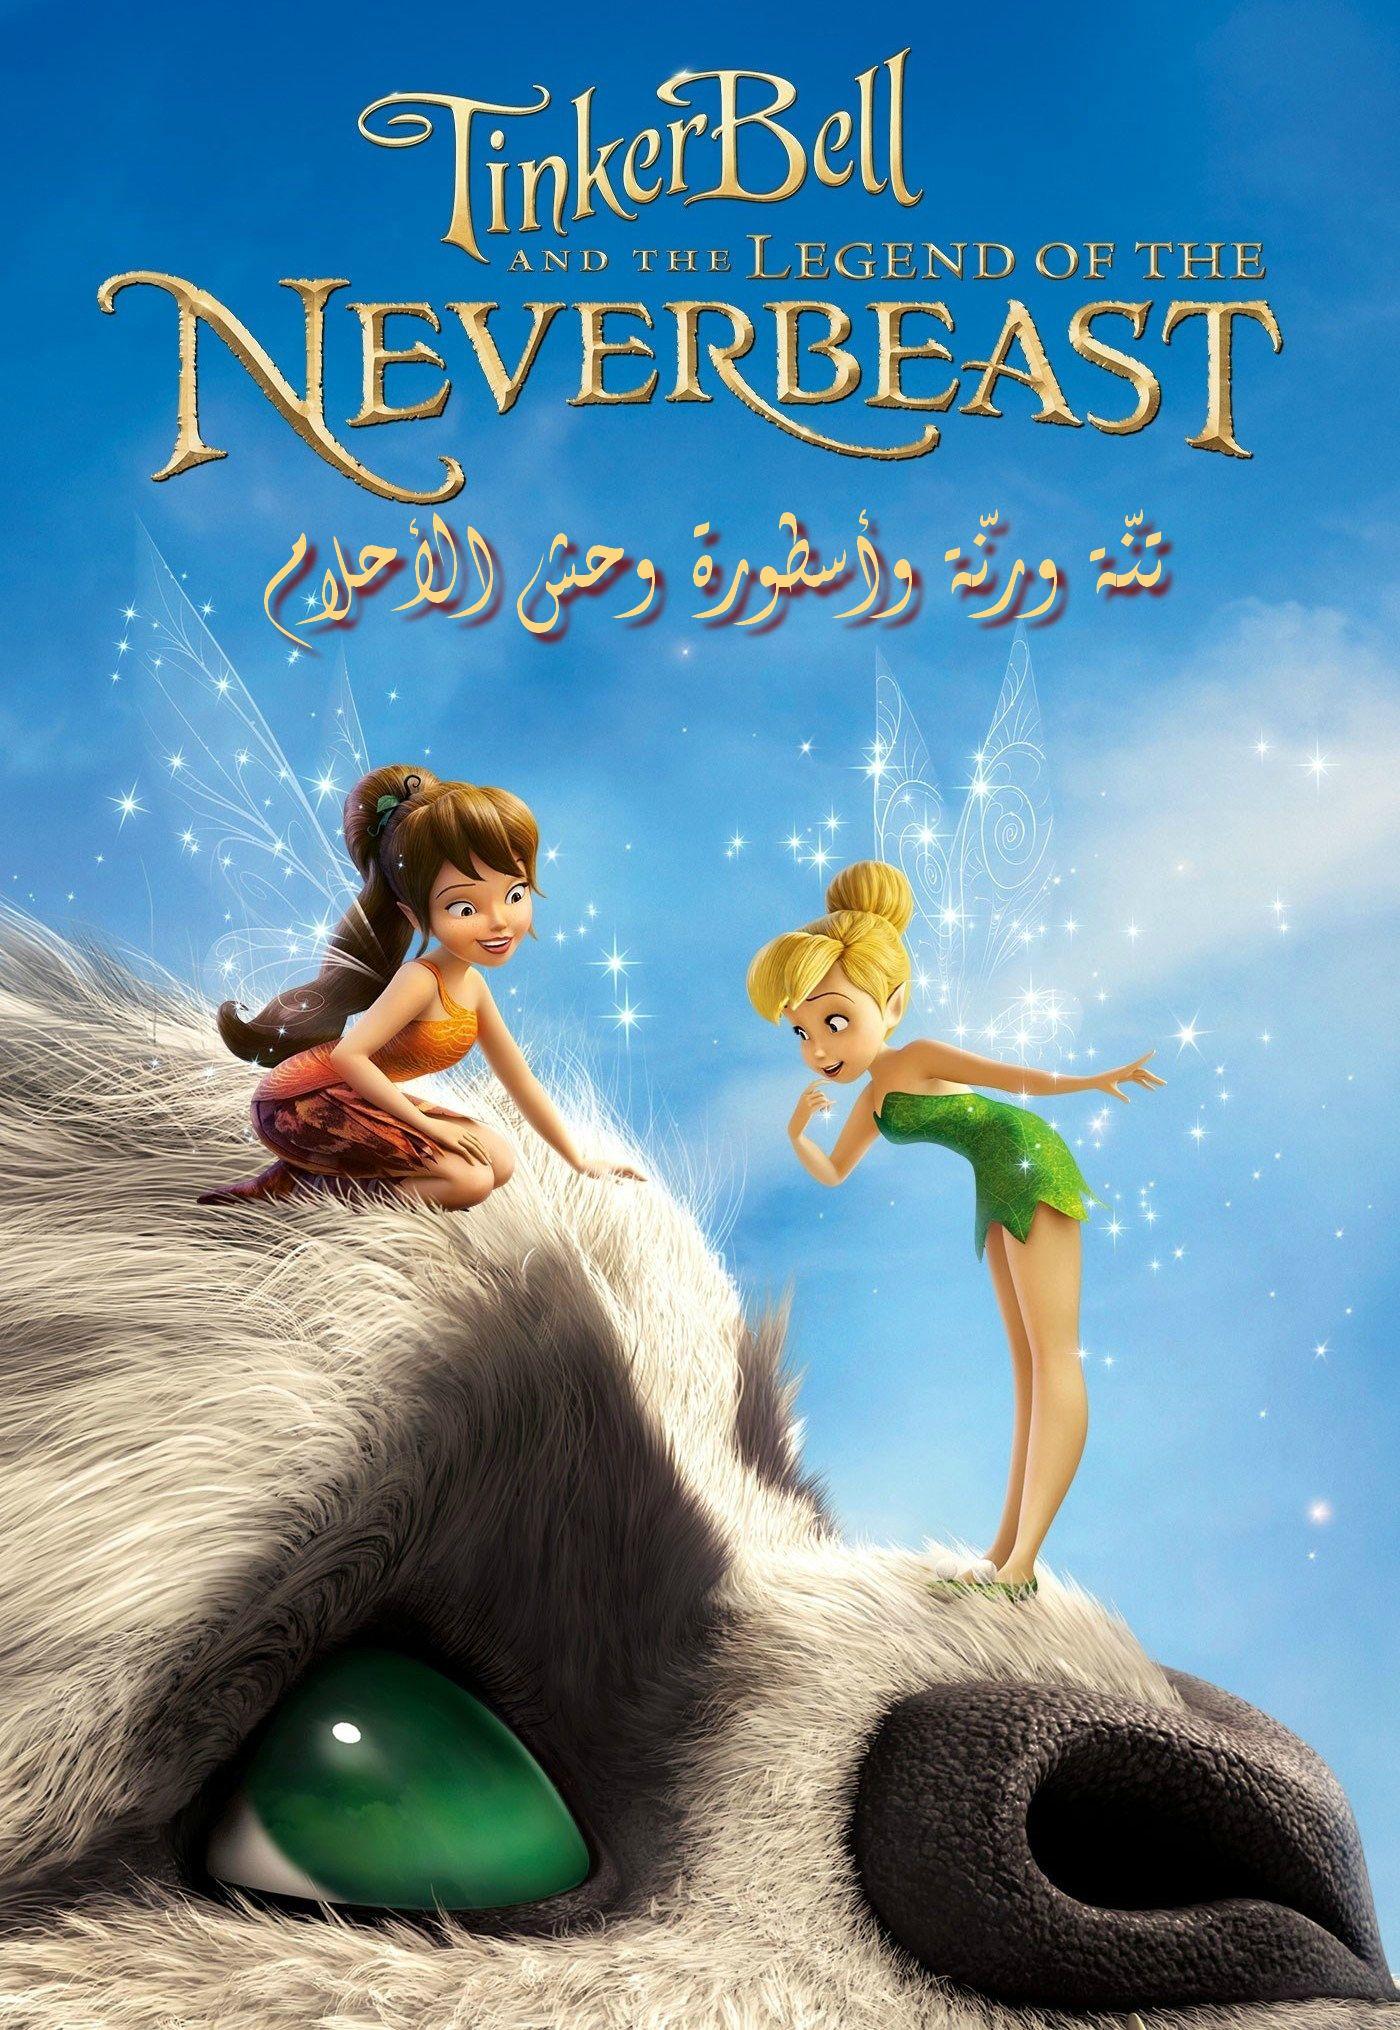 شاهد فلم الكرتون تنة ورنة واسطورة وحش الاحلام Tinker Bell and the Legend of the NeverBeast 2014